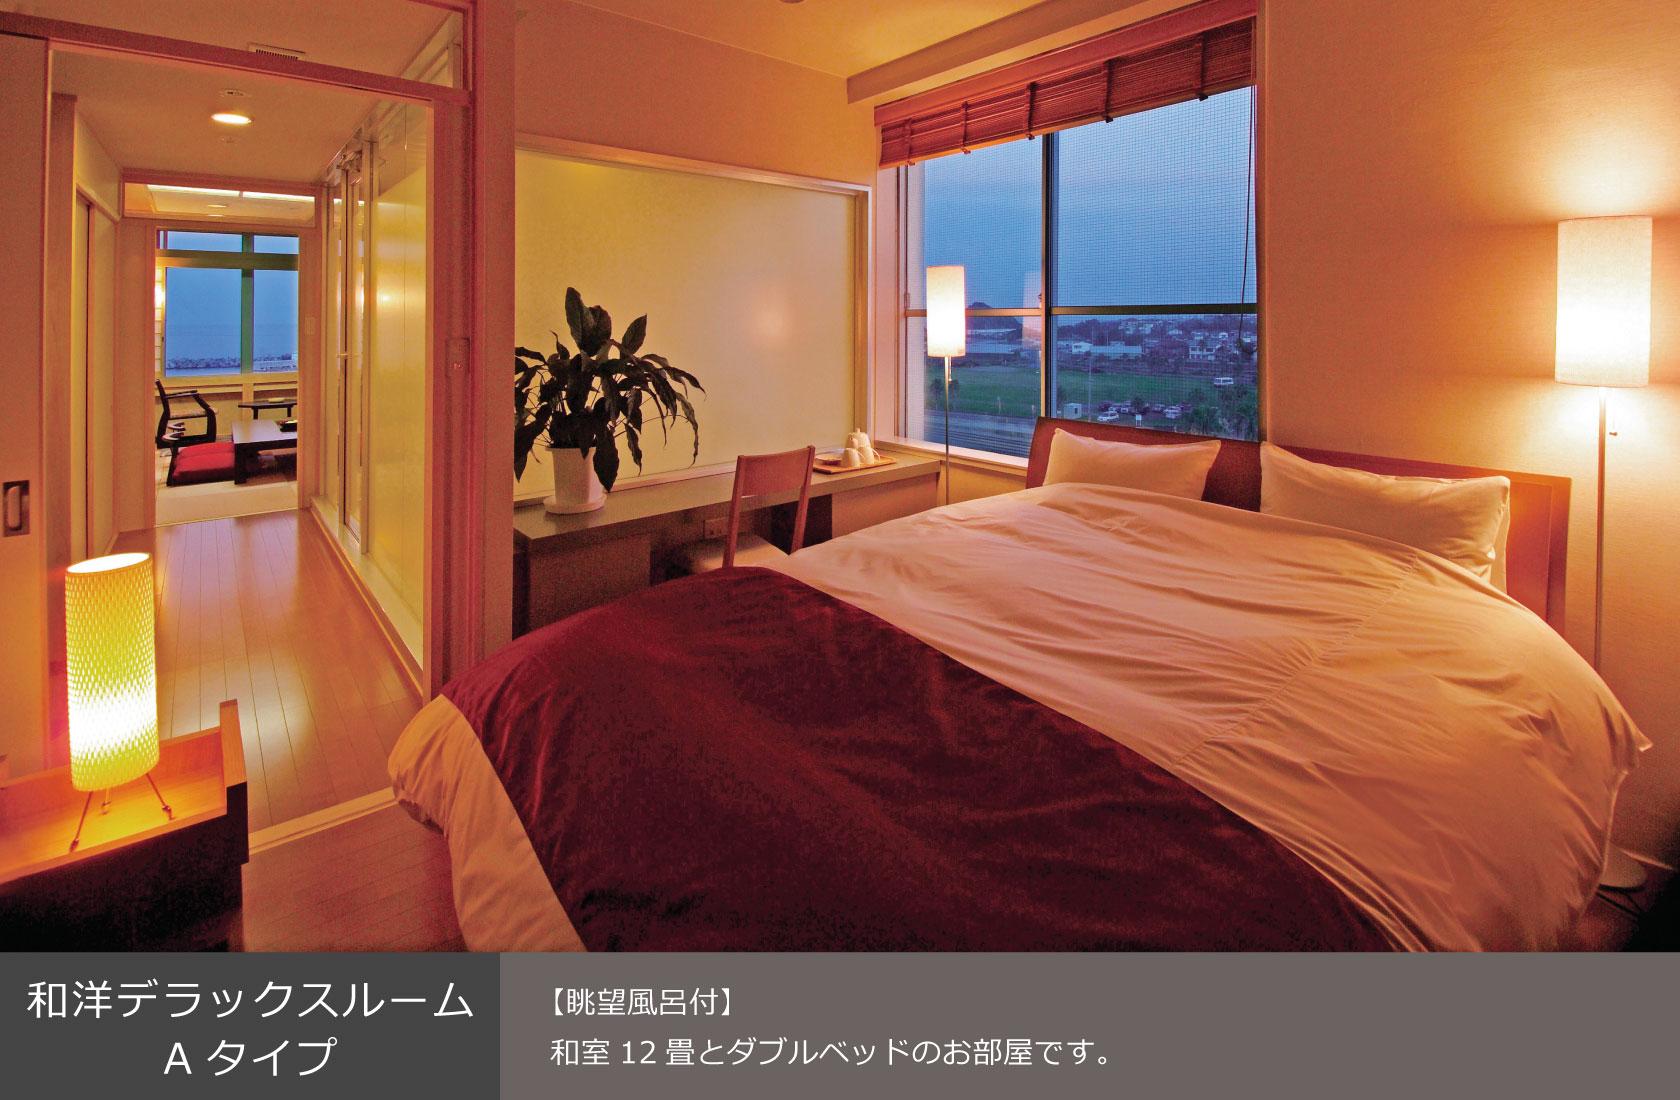 和洋デラックスルームAタイプ 【眺望風呂付】和室12畳とダブルベッドのお部屋です。